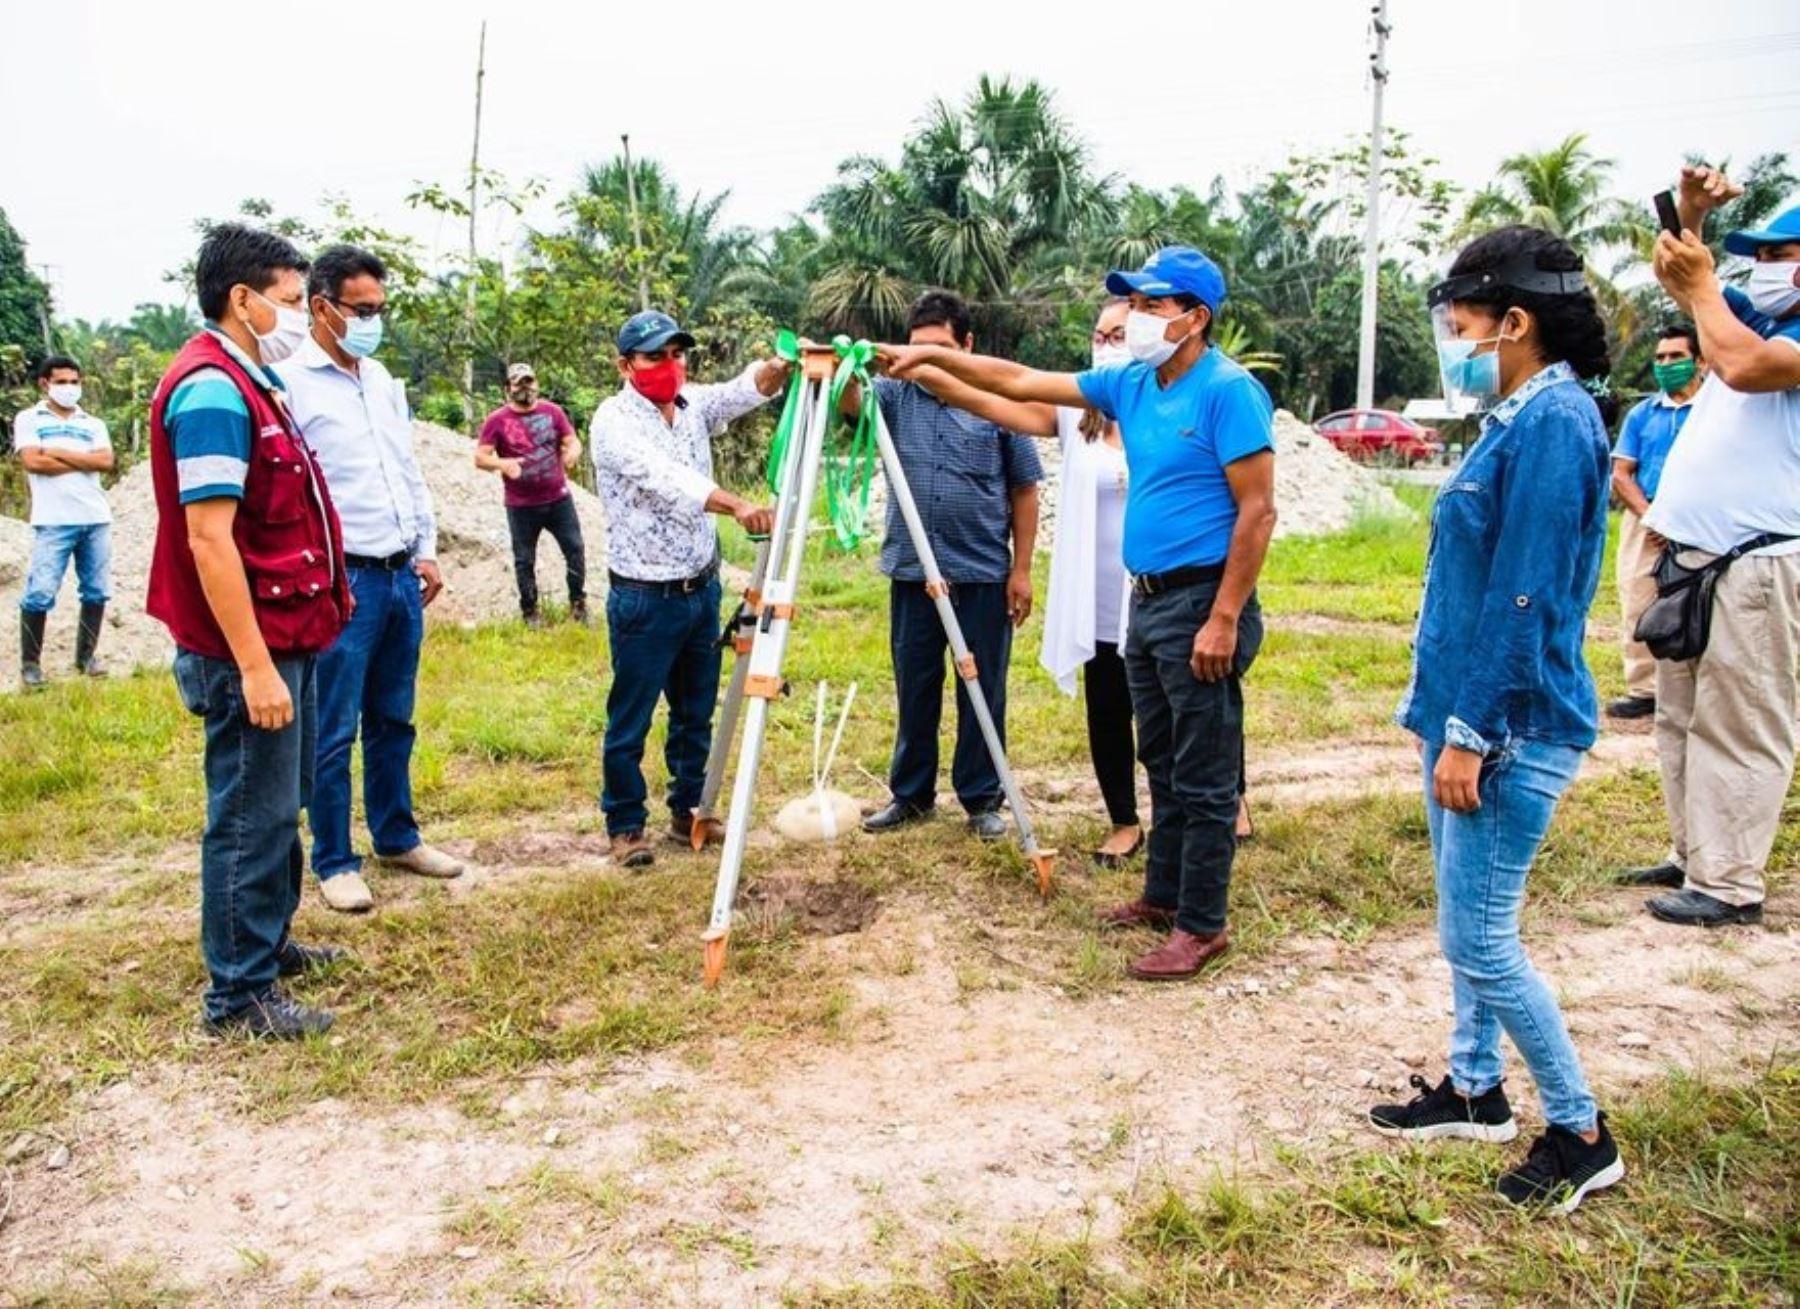 El Ministerio de Justicia y la Municipalidad de Tocache invertirán más de S/ 5 millones en obras de reparación colectiva en dicha provincia de la región San Martín. ANDINA/Difusión